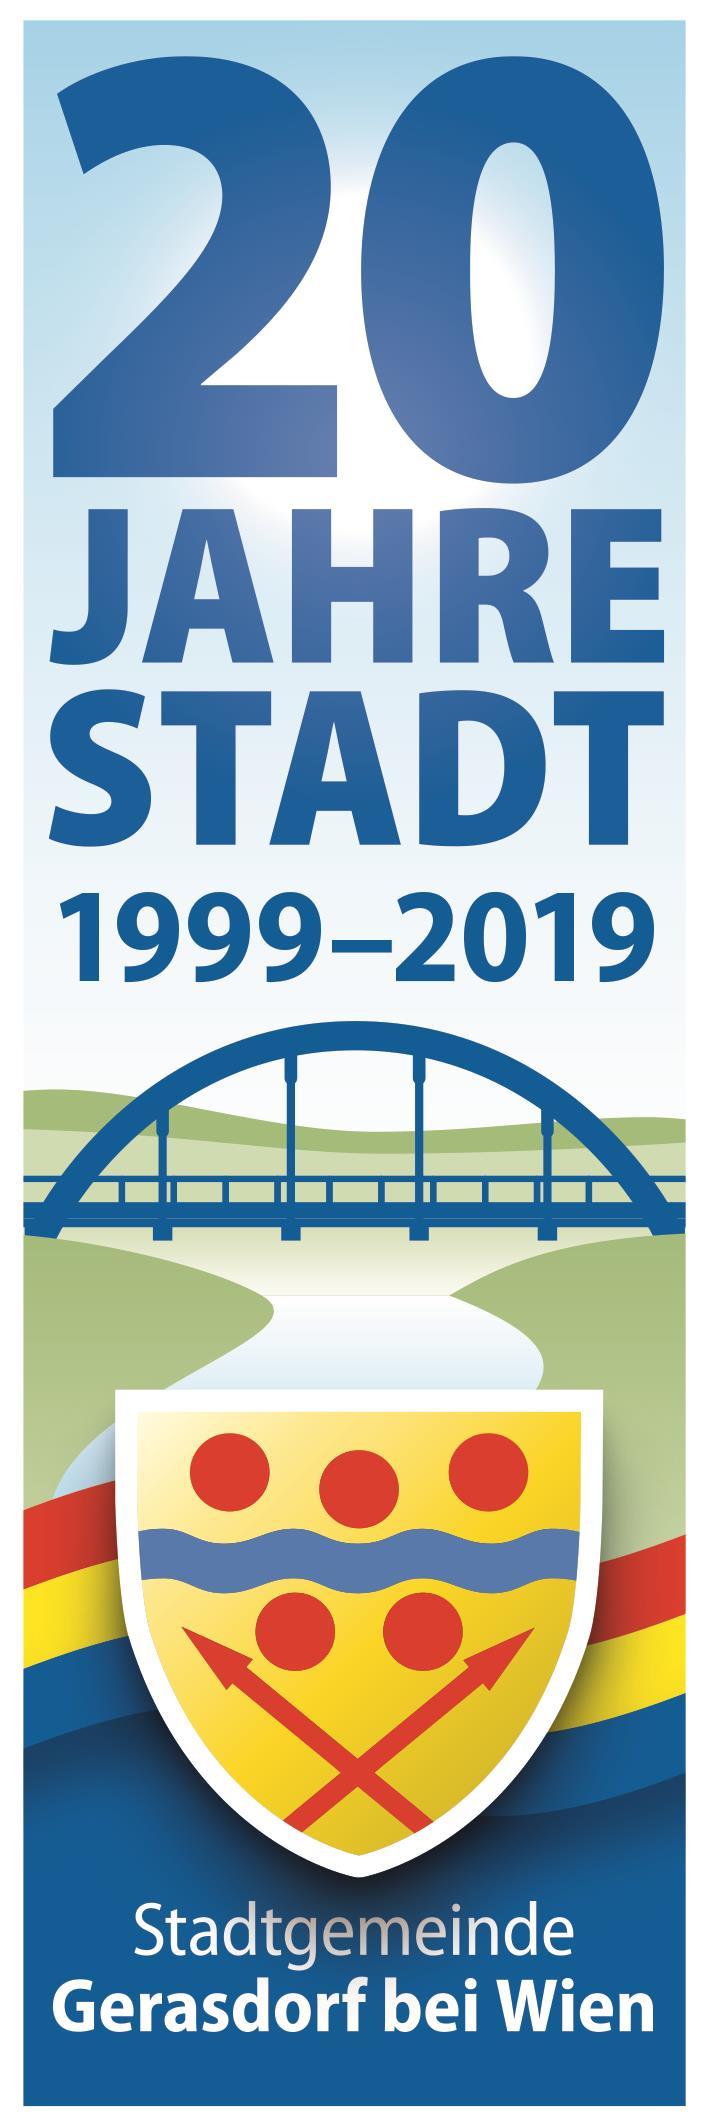 20 Jahre Stadterhebung Gerasdorf bei Wien